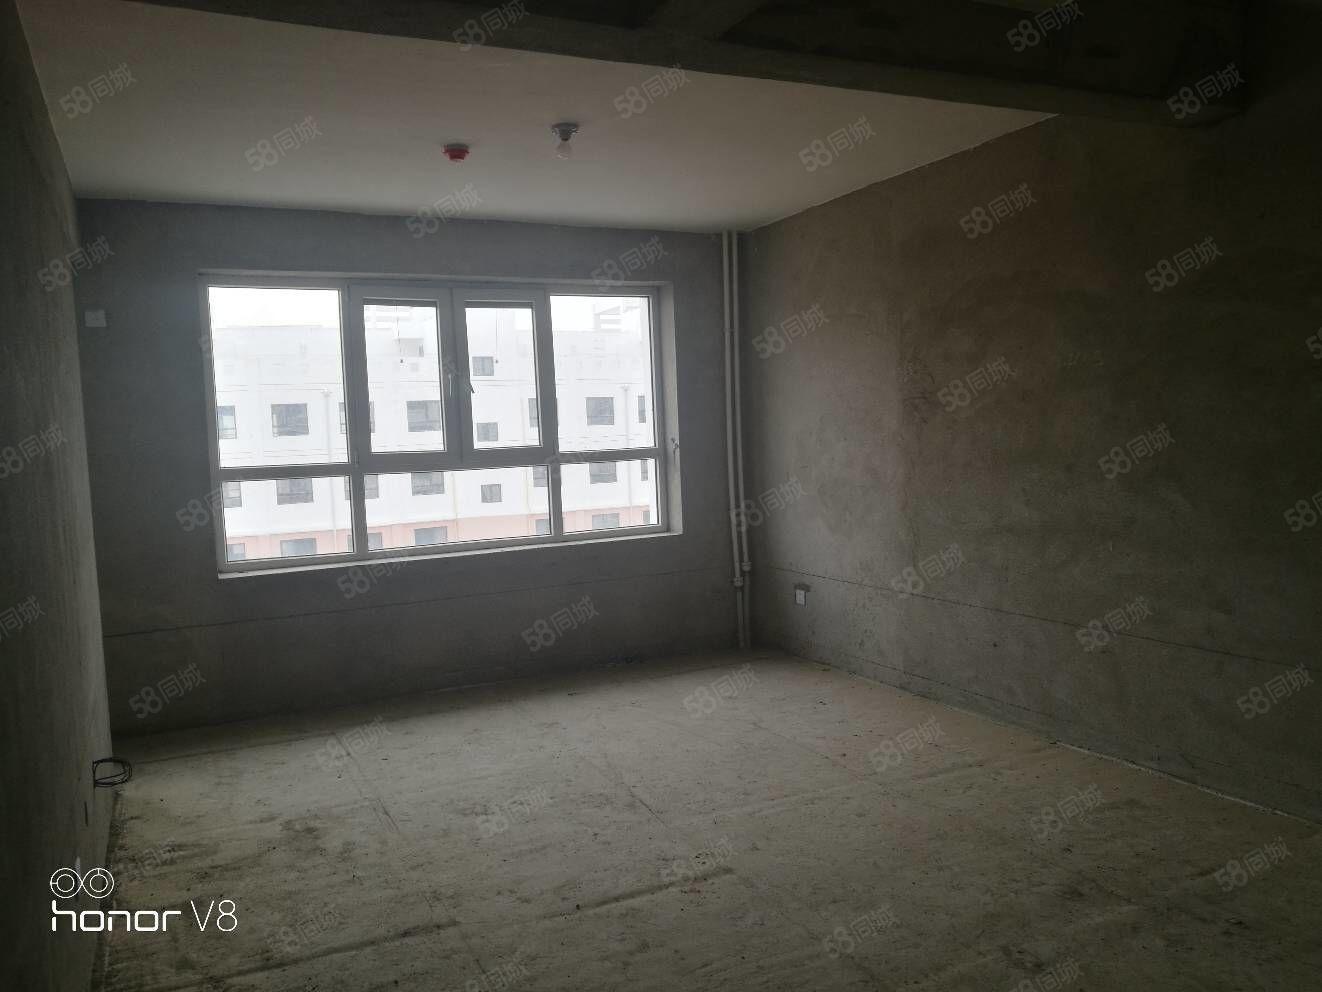 福泽华庭129平复式11楼四室三厅一卫,毛胚地暖房,可按揭。